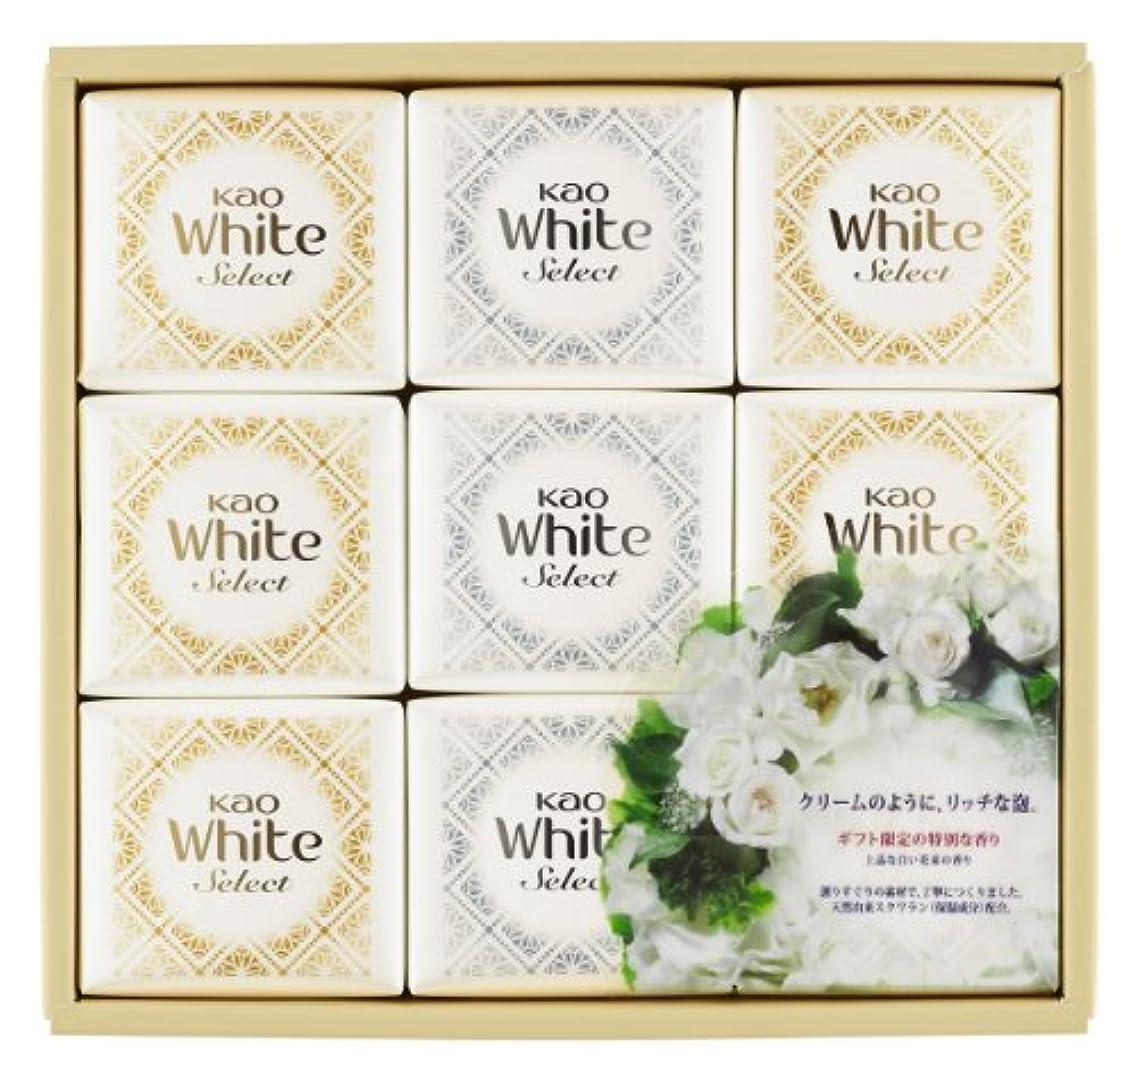 禁じるペイント高く花王ホワイト セレクト 上品な白い花束の香り 85g 9コ K?WS-15